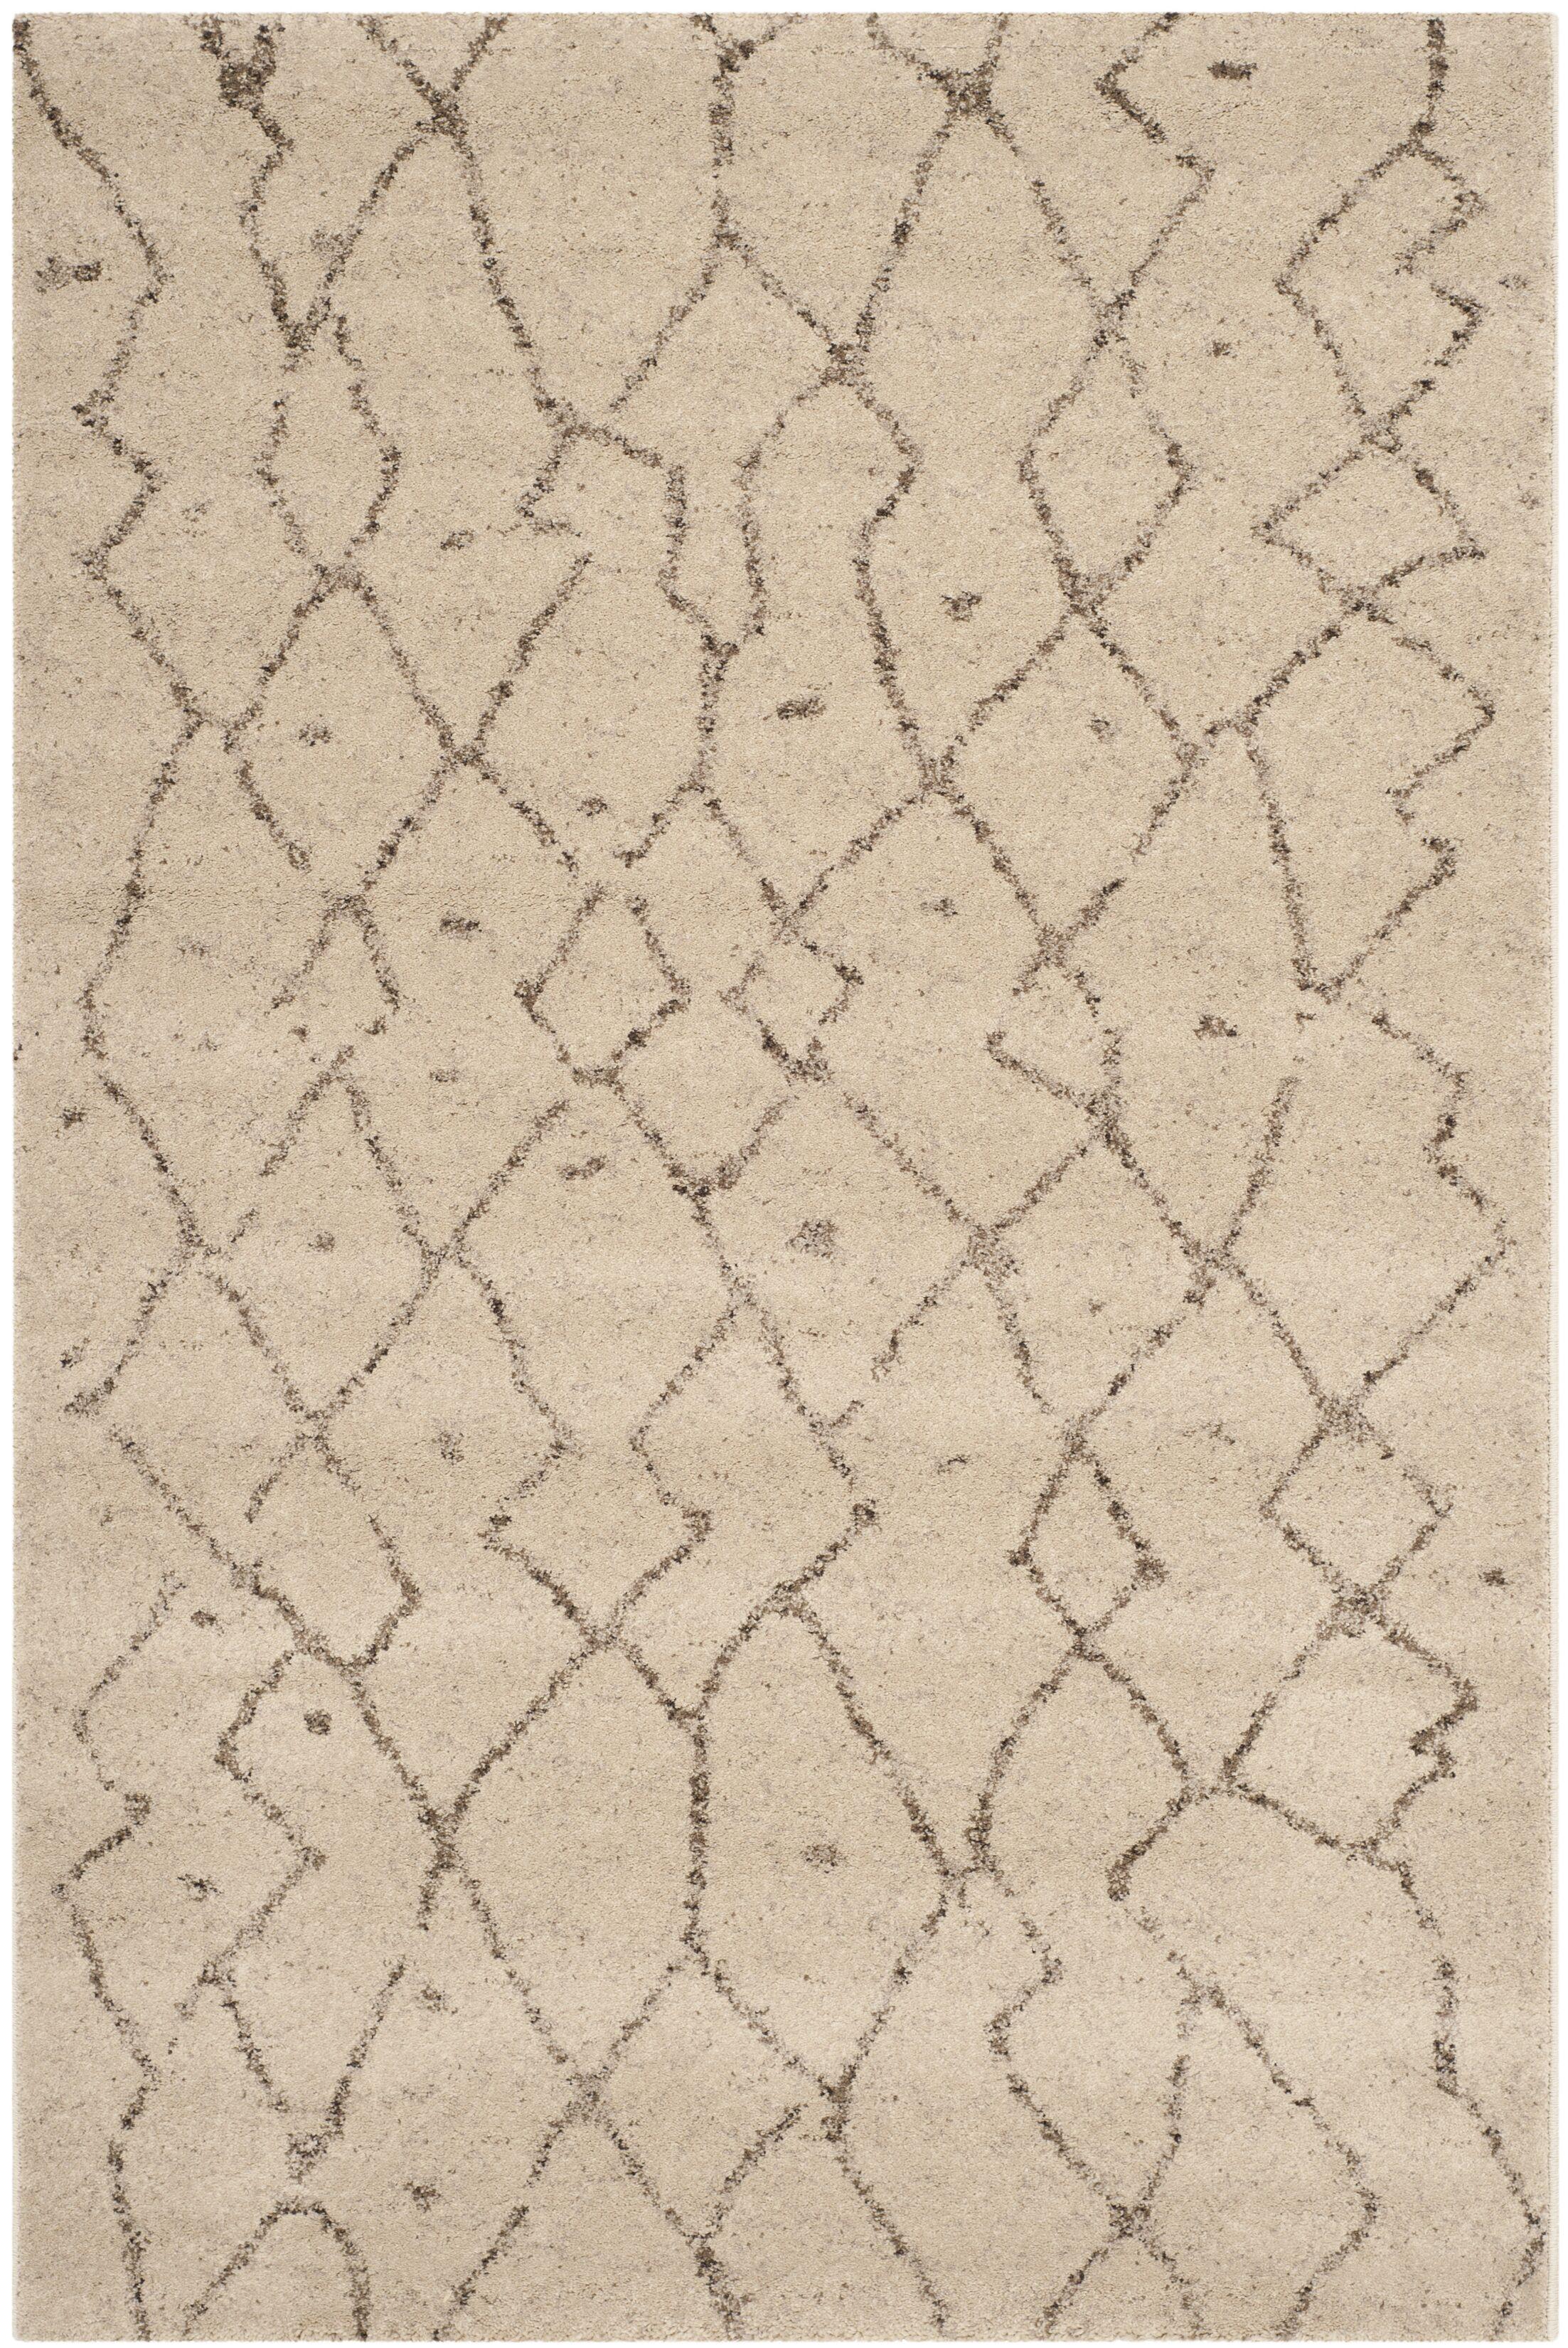 Bennett Rug Rug Size: Rectangle 8' x 10'